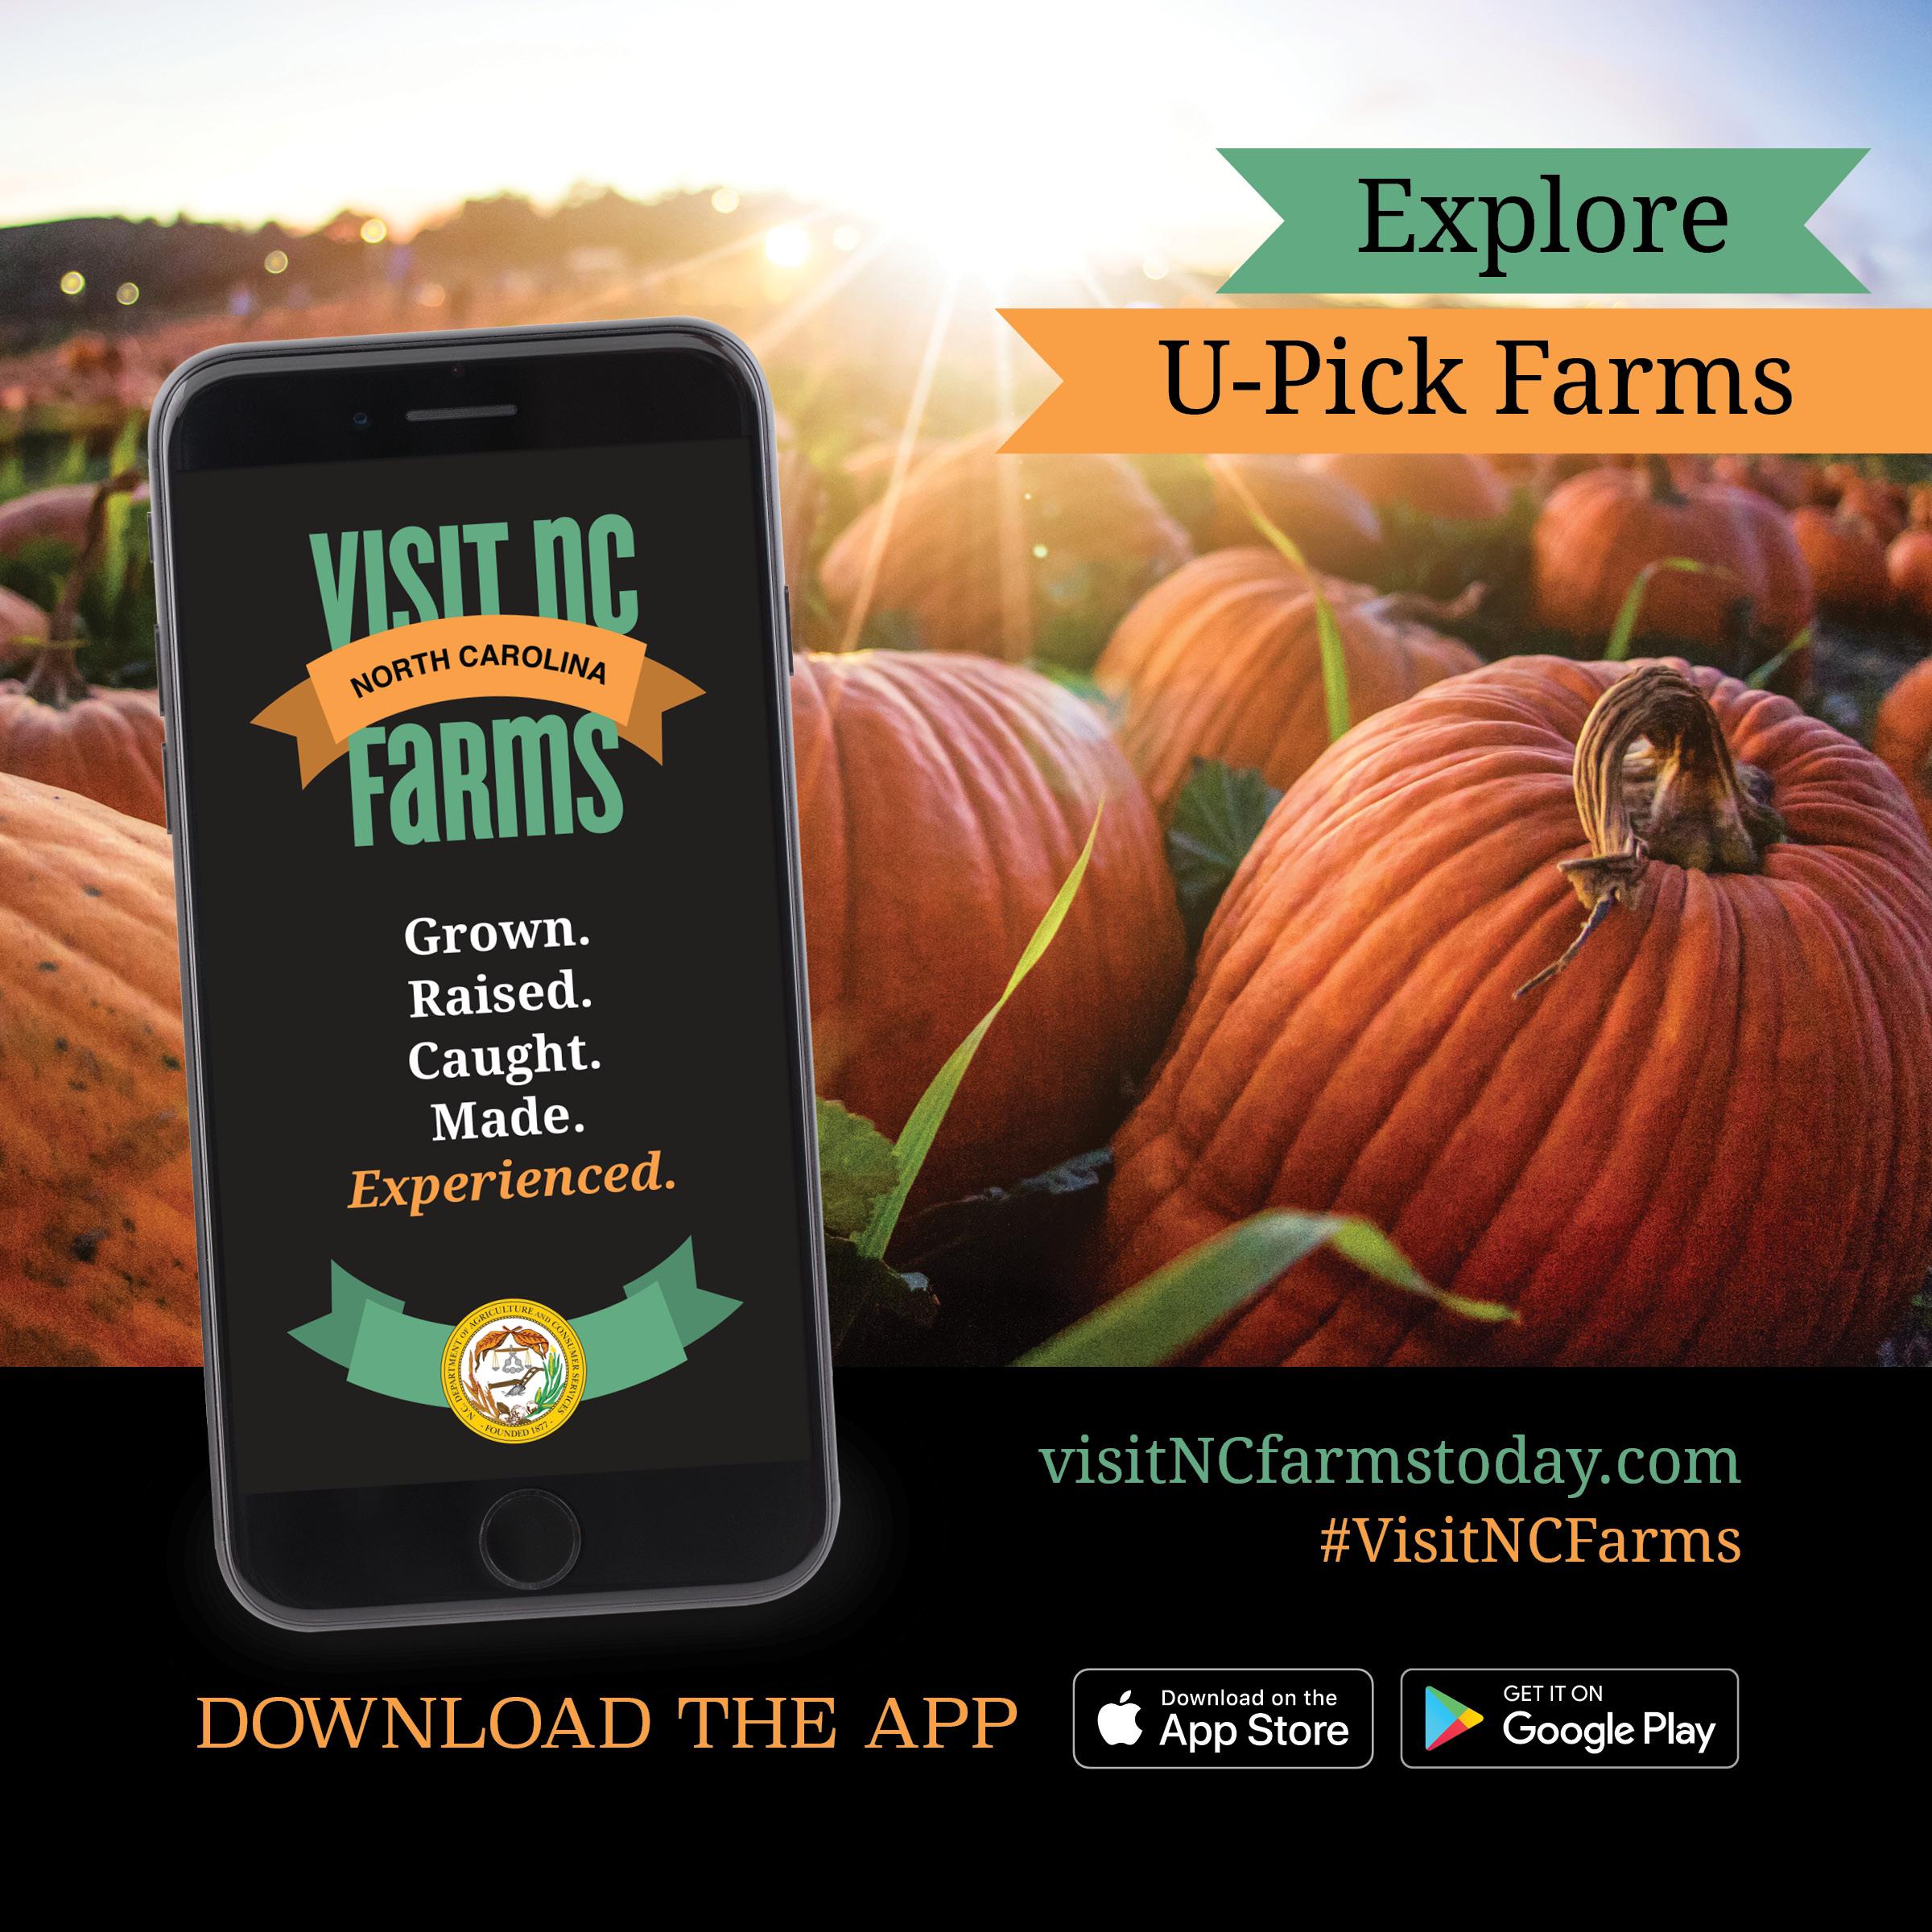 Visit NC Farms flyer